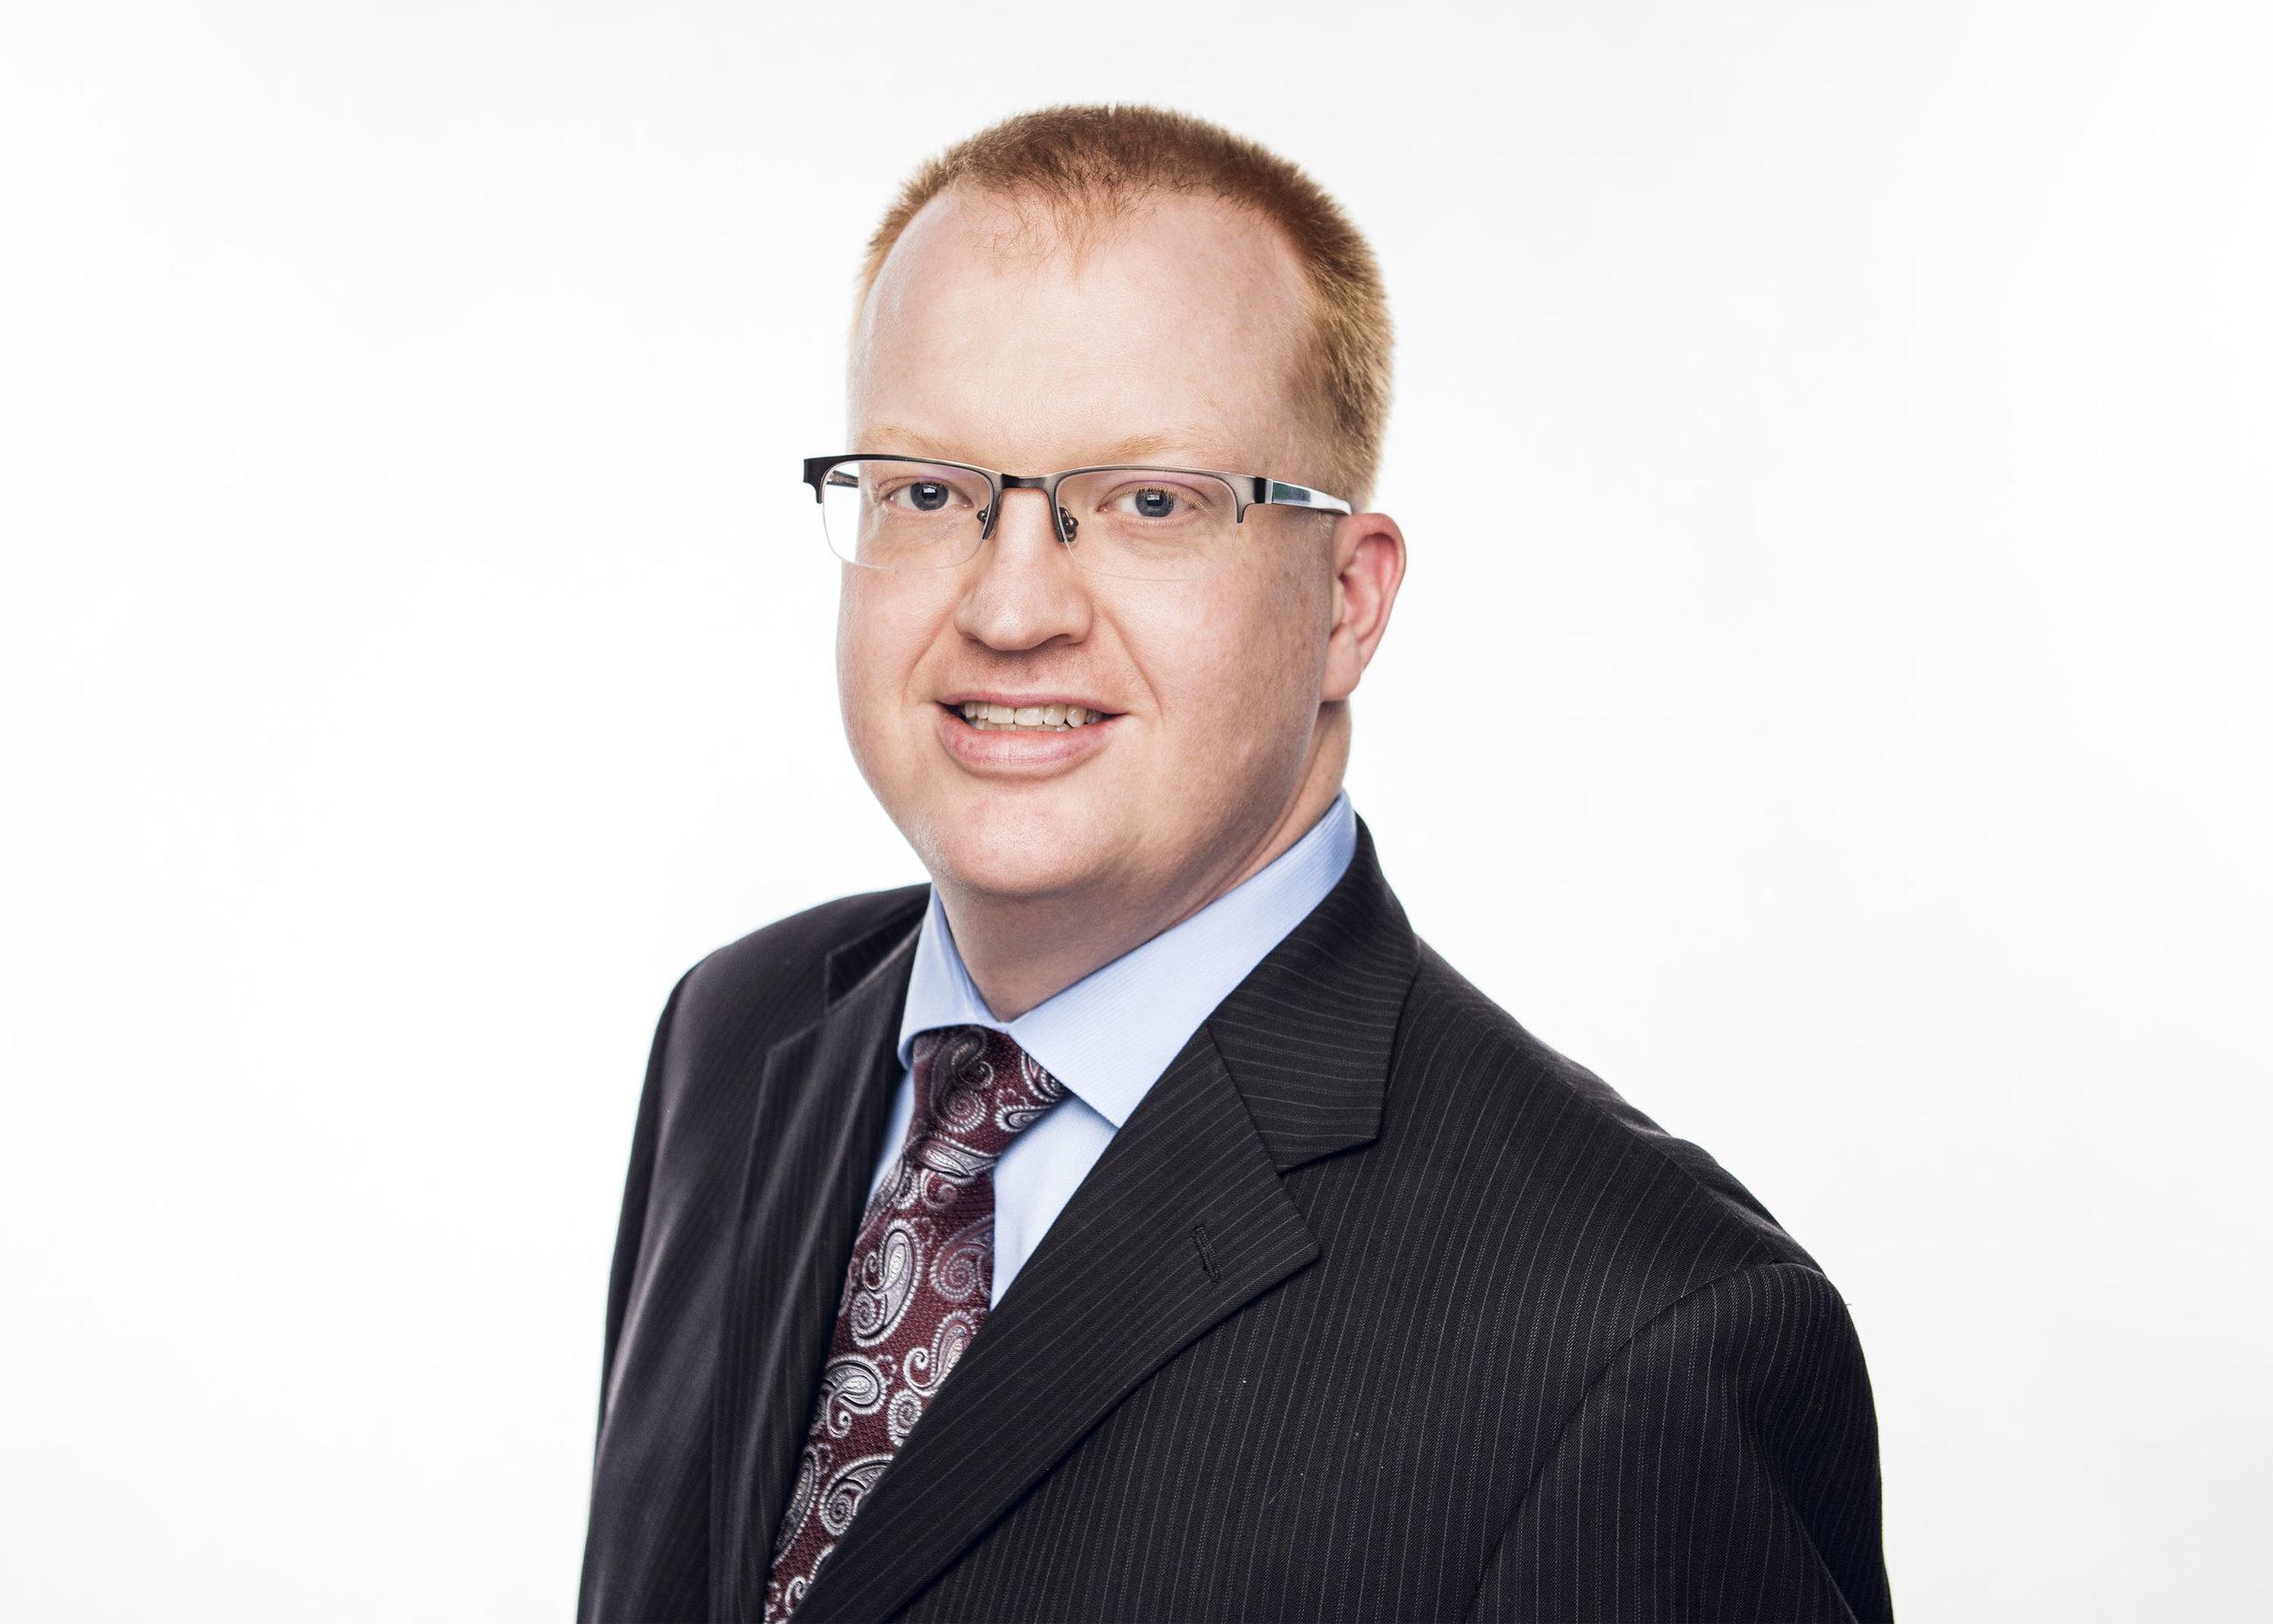 Dr. Corey Schliep